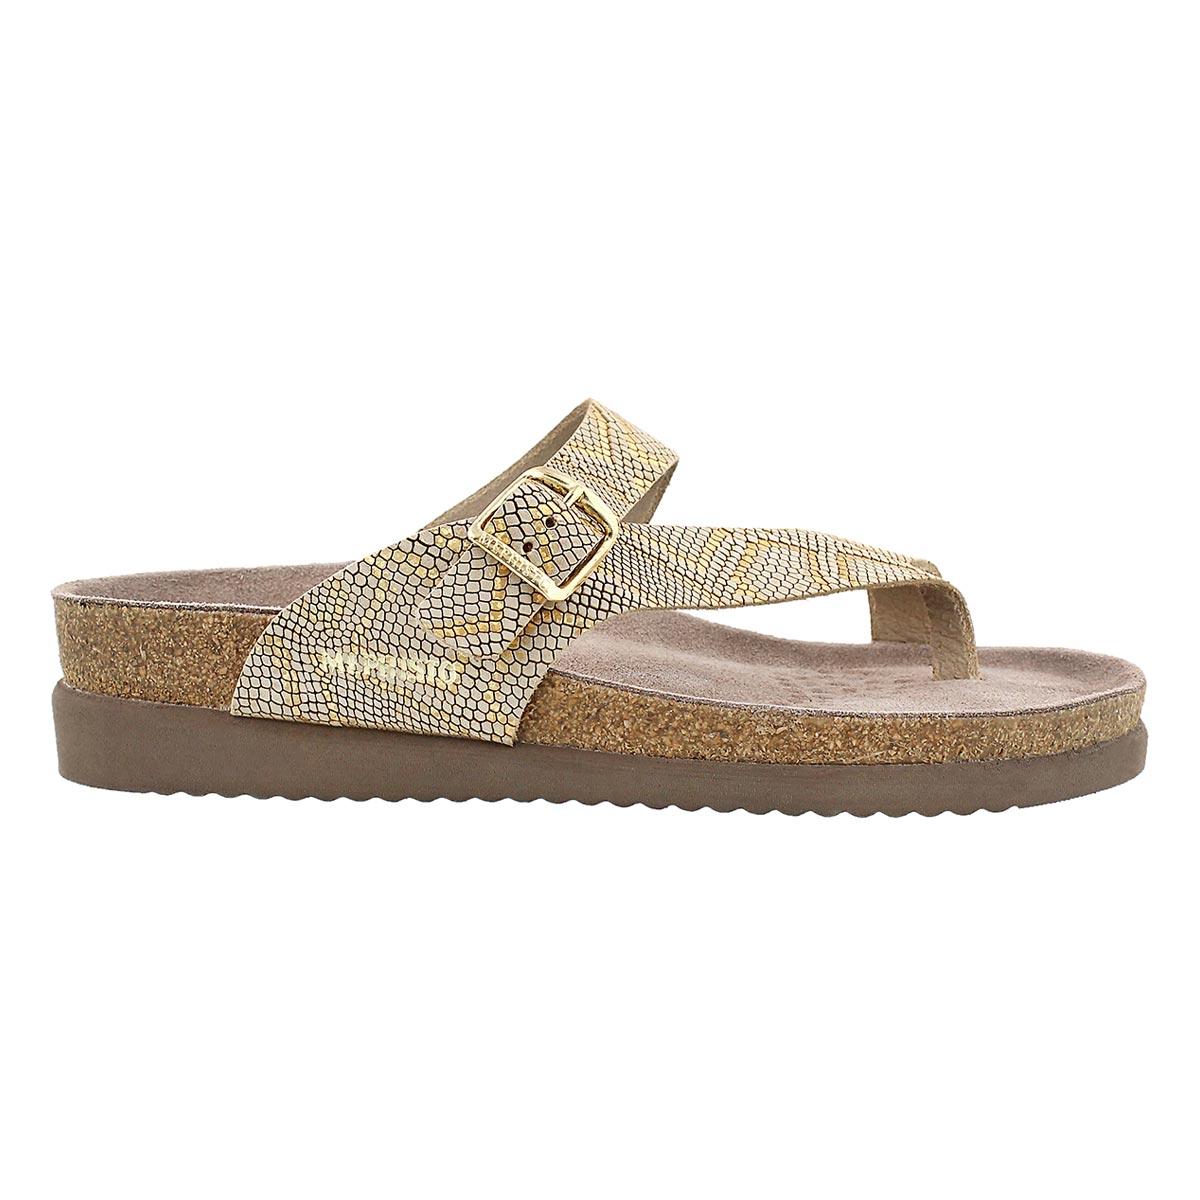 Sandale tong HELEN, fauve nairobi, femme